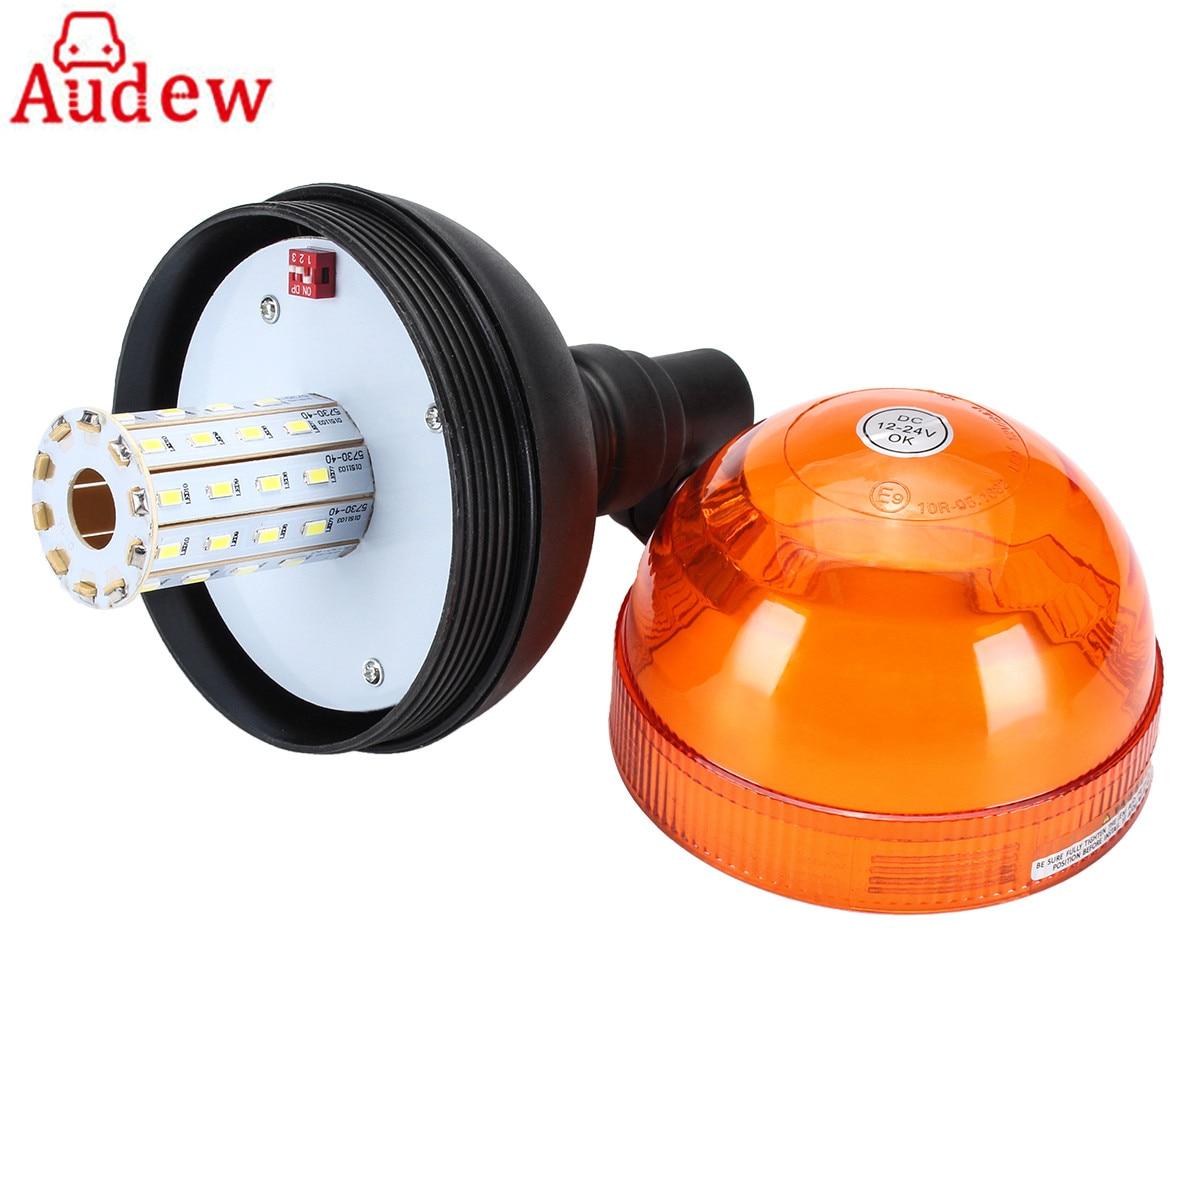 1 Pcs De Voiture Avertissement Lumière LED Tournant Clignotant Ambre Balise Flexible Tracteur Avertissement Lumière 12 V-24 V pour véhicule camion